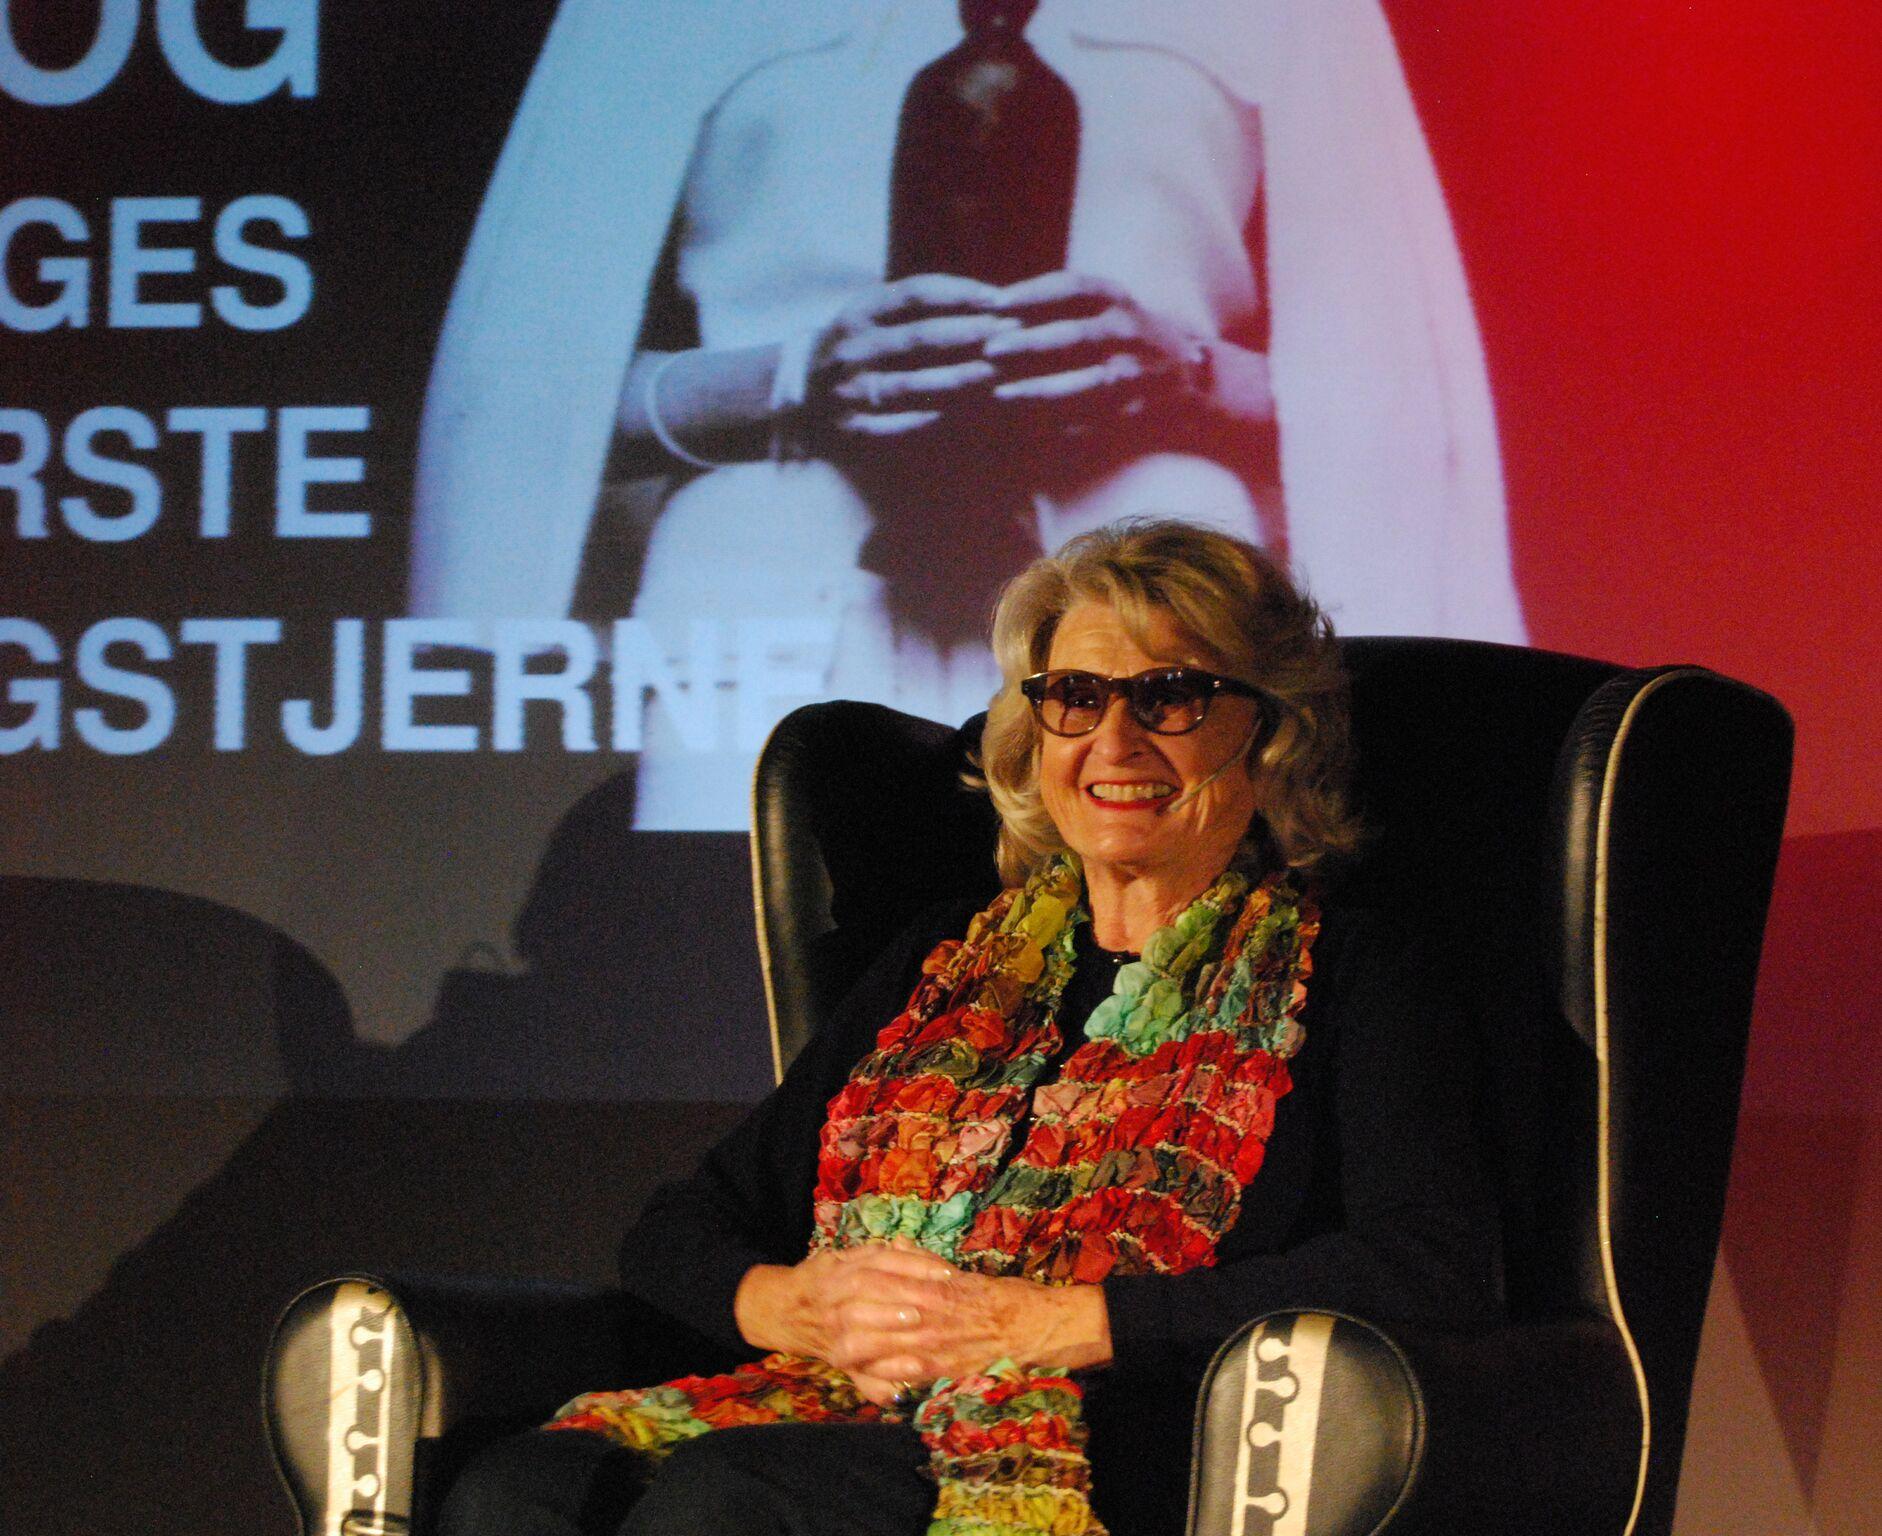 Sangpionér Karin Krog deler raust av anekdoter fra egen karriere. Foto: Camilla Slaattun Brauer/Balansekunst